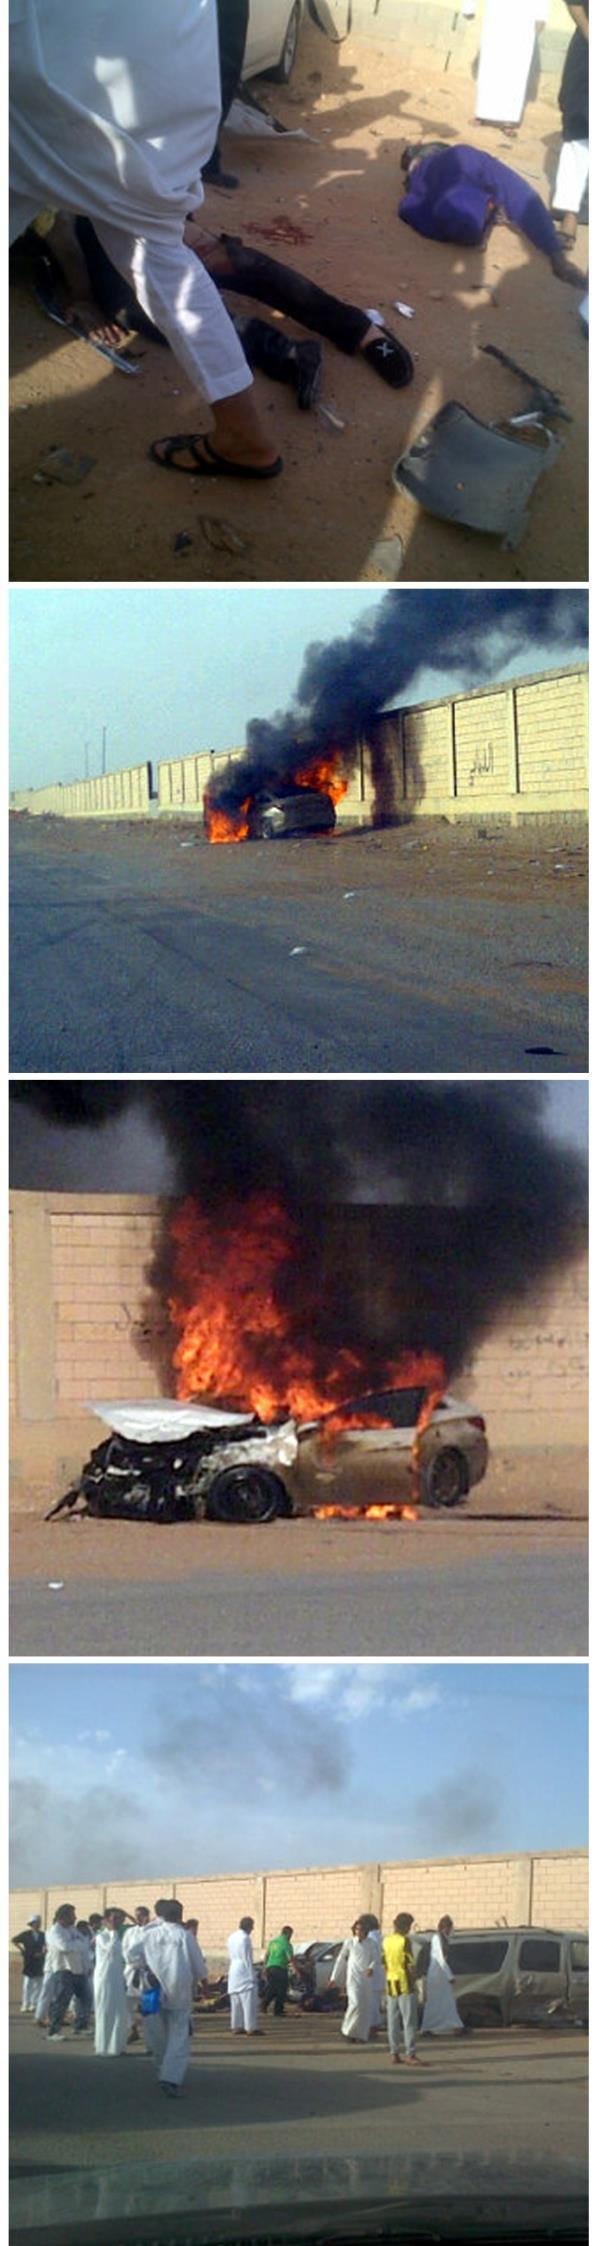 فيديو: مفحط ينجو من حادث ويحرق السيارة ويهرب + سرقة شاحنة محملة بالفيمتو